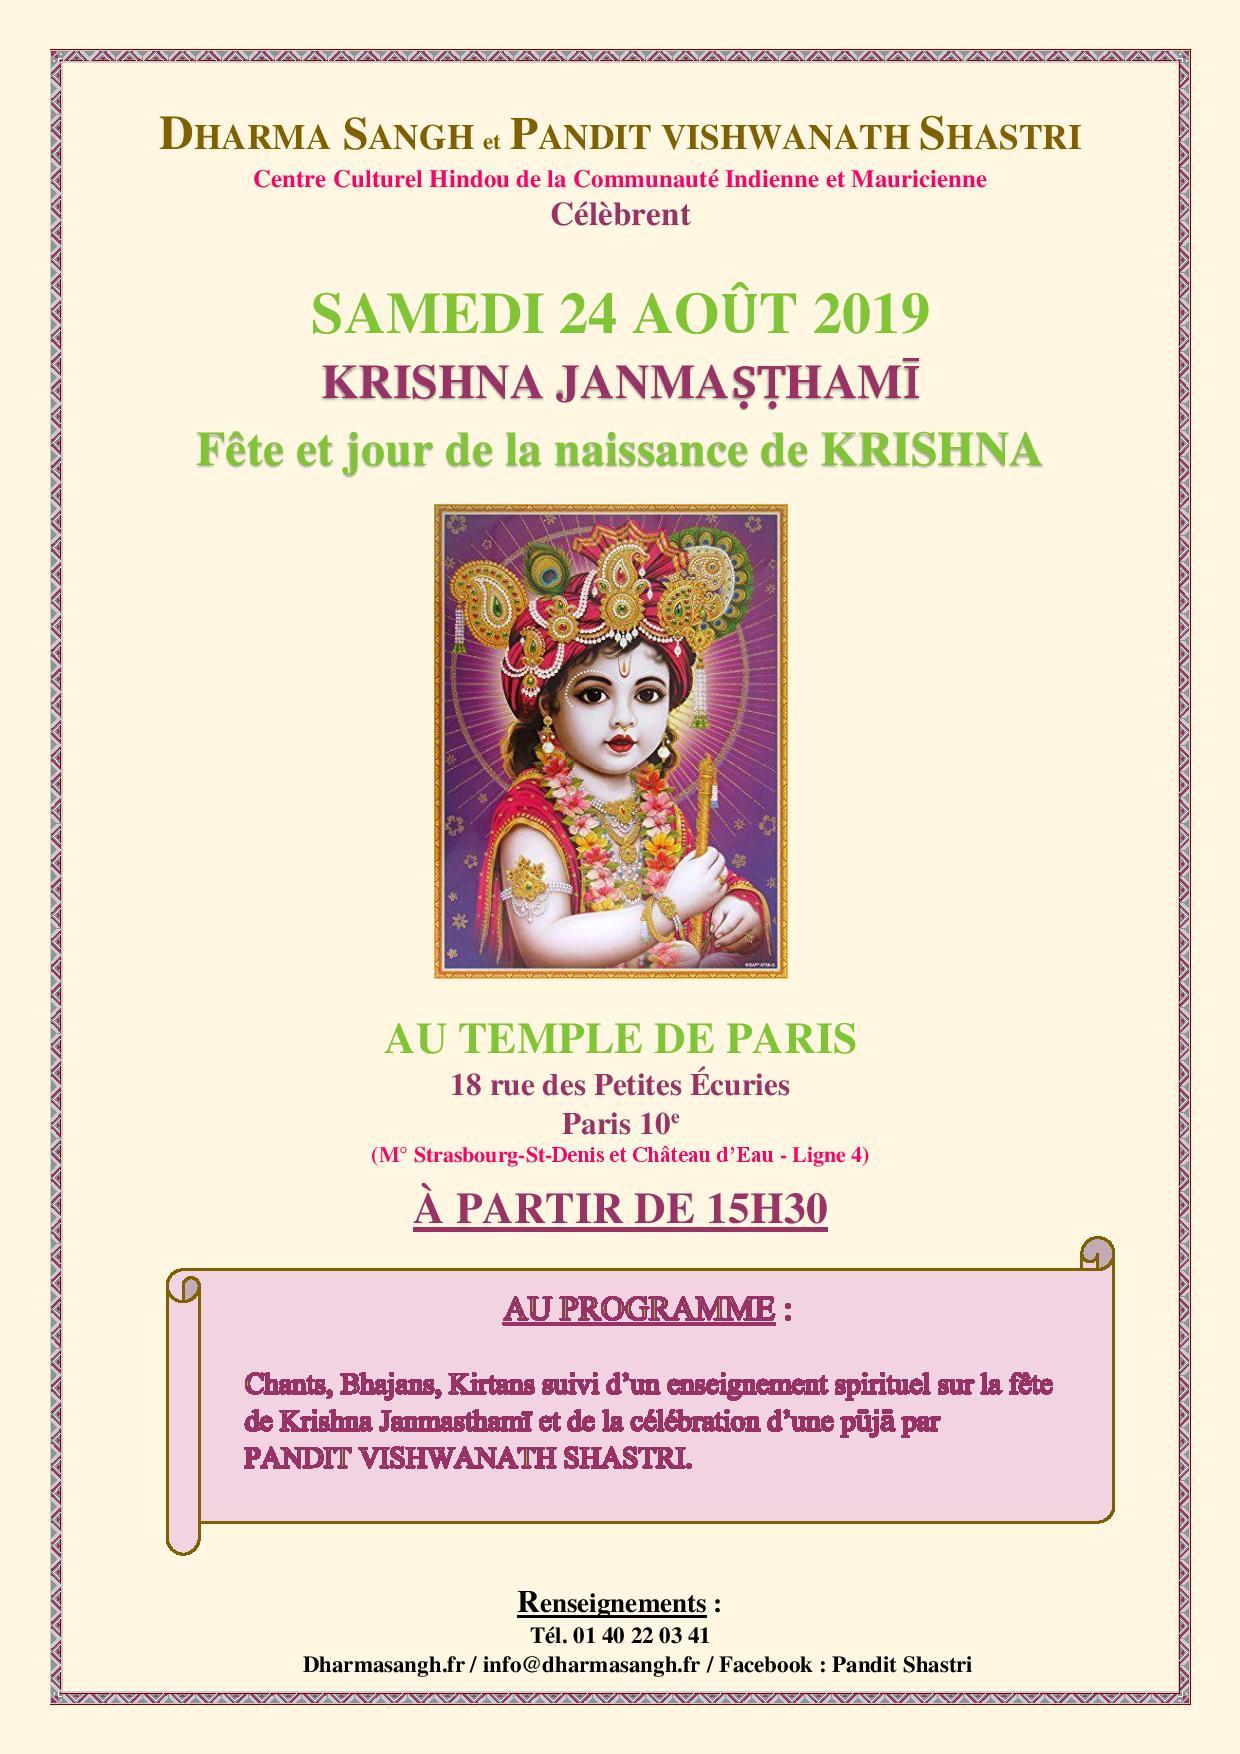 AFFICHE DE KRISHNA JANMASTHAMI 2019 FINAl-page-001